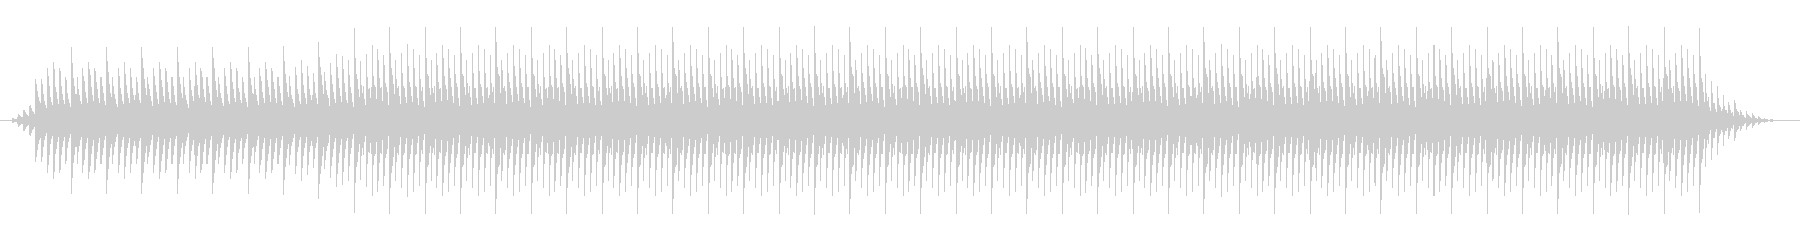 本格的なアフリカBGM(ブルンジ風)の未再生の波形